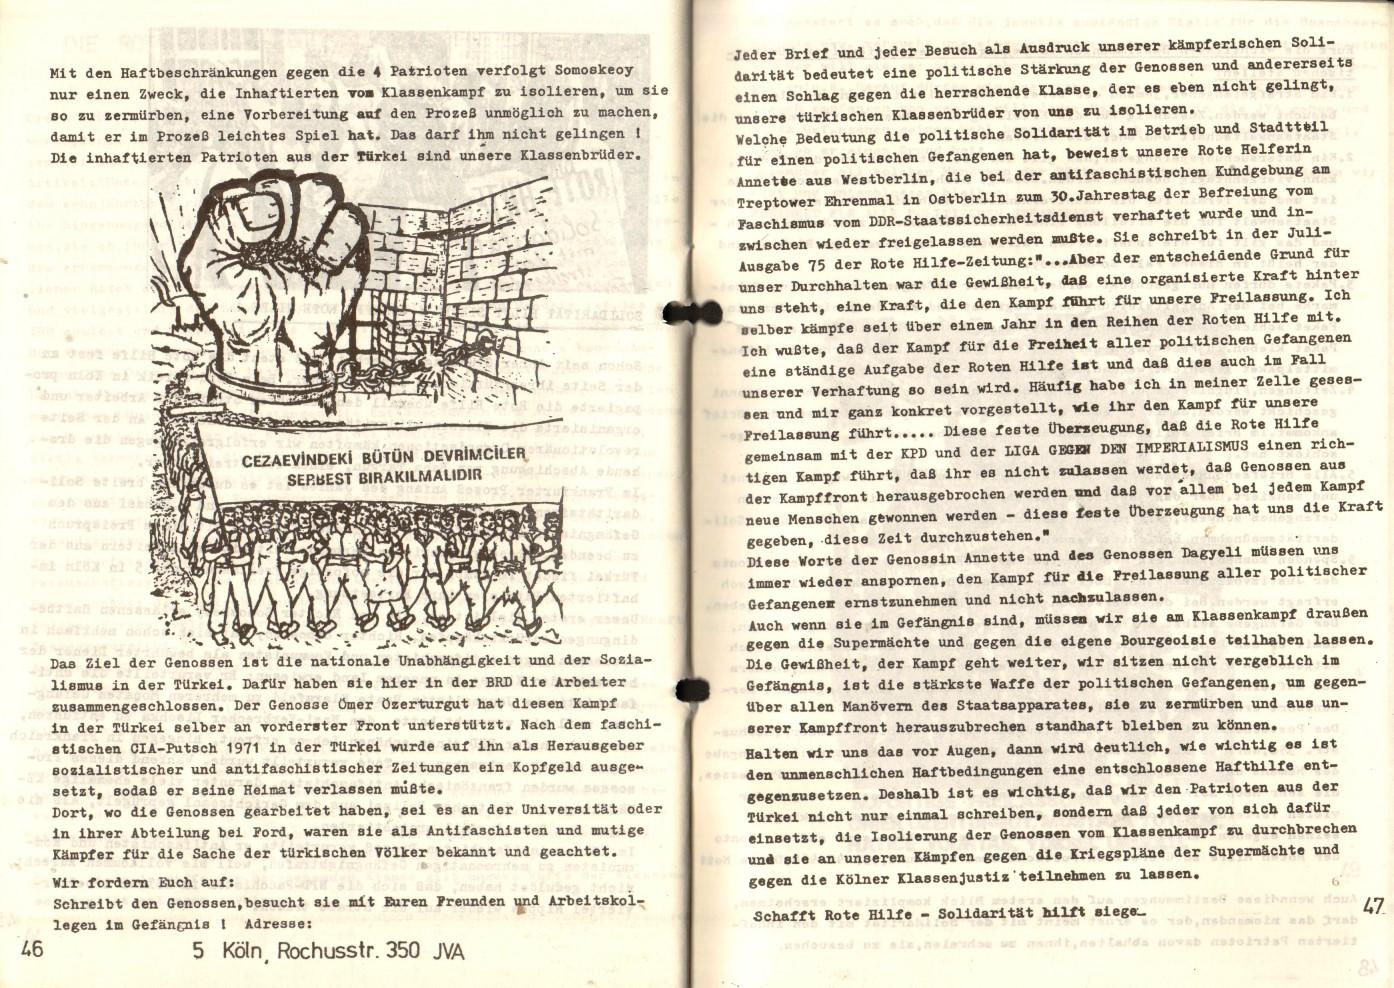 NRW_Rote_Hilfe_1975_Sofortige_Freilassung_der_tuerkischen_Patrioten_25